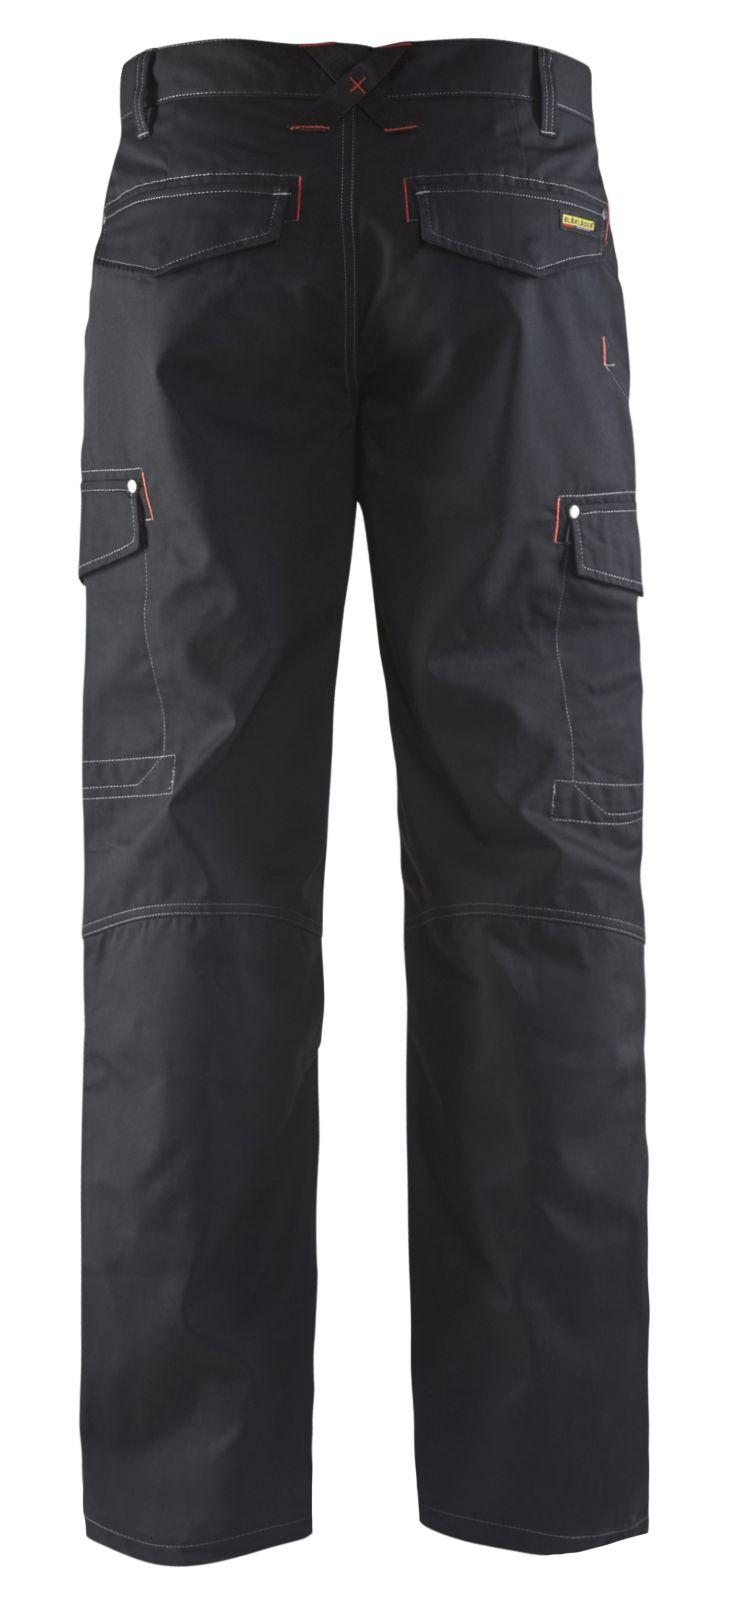 Blaklader Werkbroeken 14031800 zwart(9900)